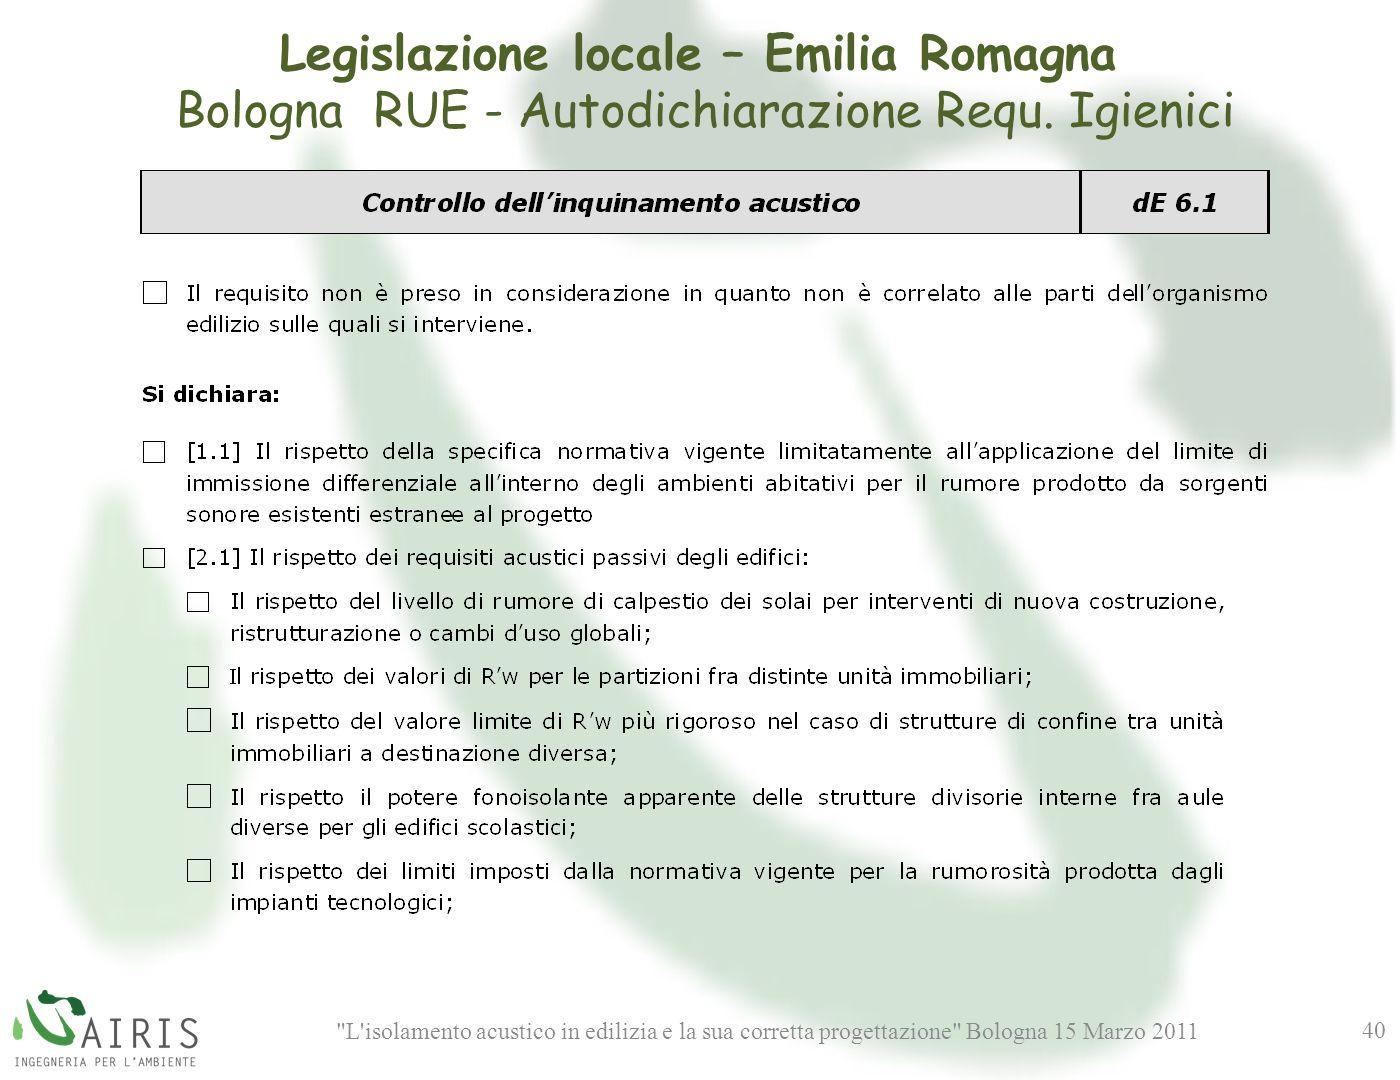 L isolamento acustico in edilizia e la sua corretta progettazione Bologna 15 Marzo 2011 40 Legislazione locale – Emilia Romagna Bologna RUE - Autodichiarazione Requ.